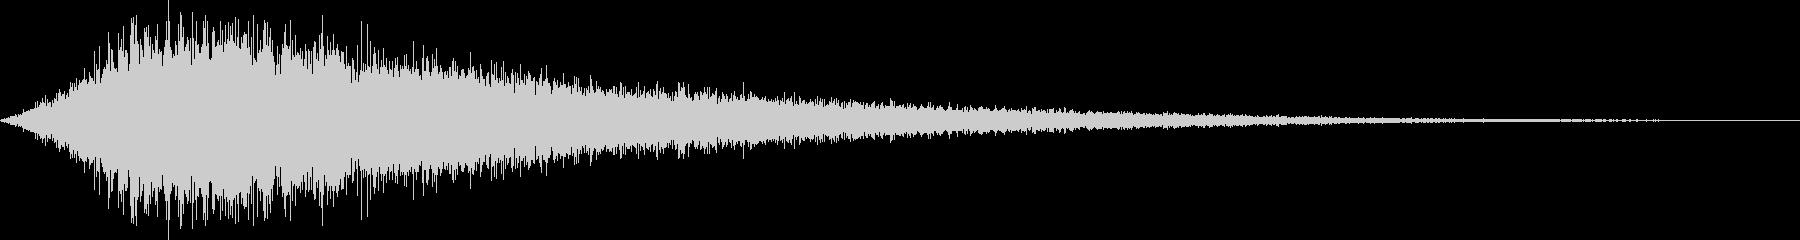 シャキーン_シンセで作ったイメージ音の未再生の波形